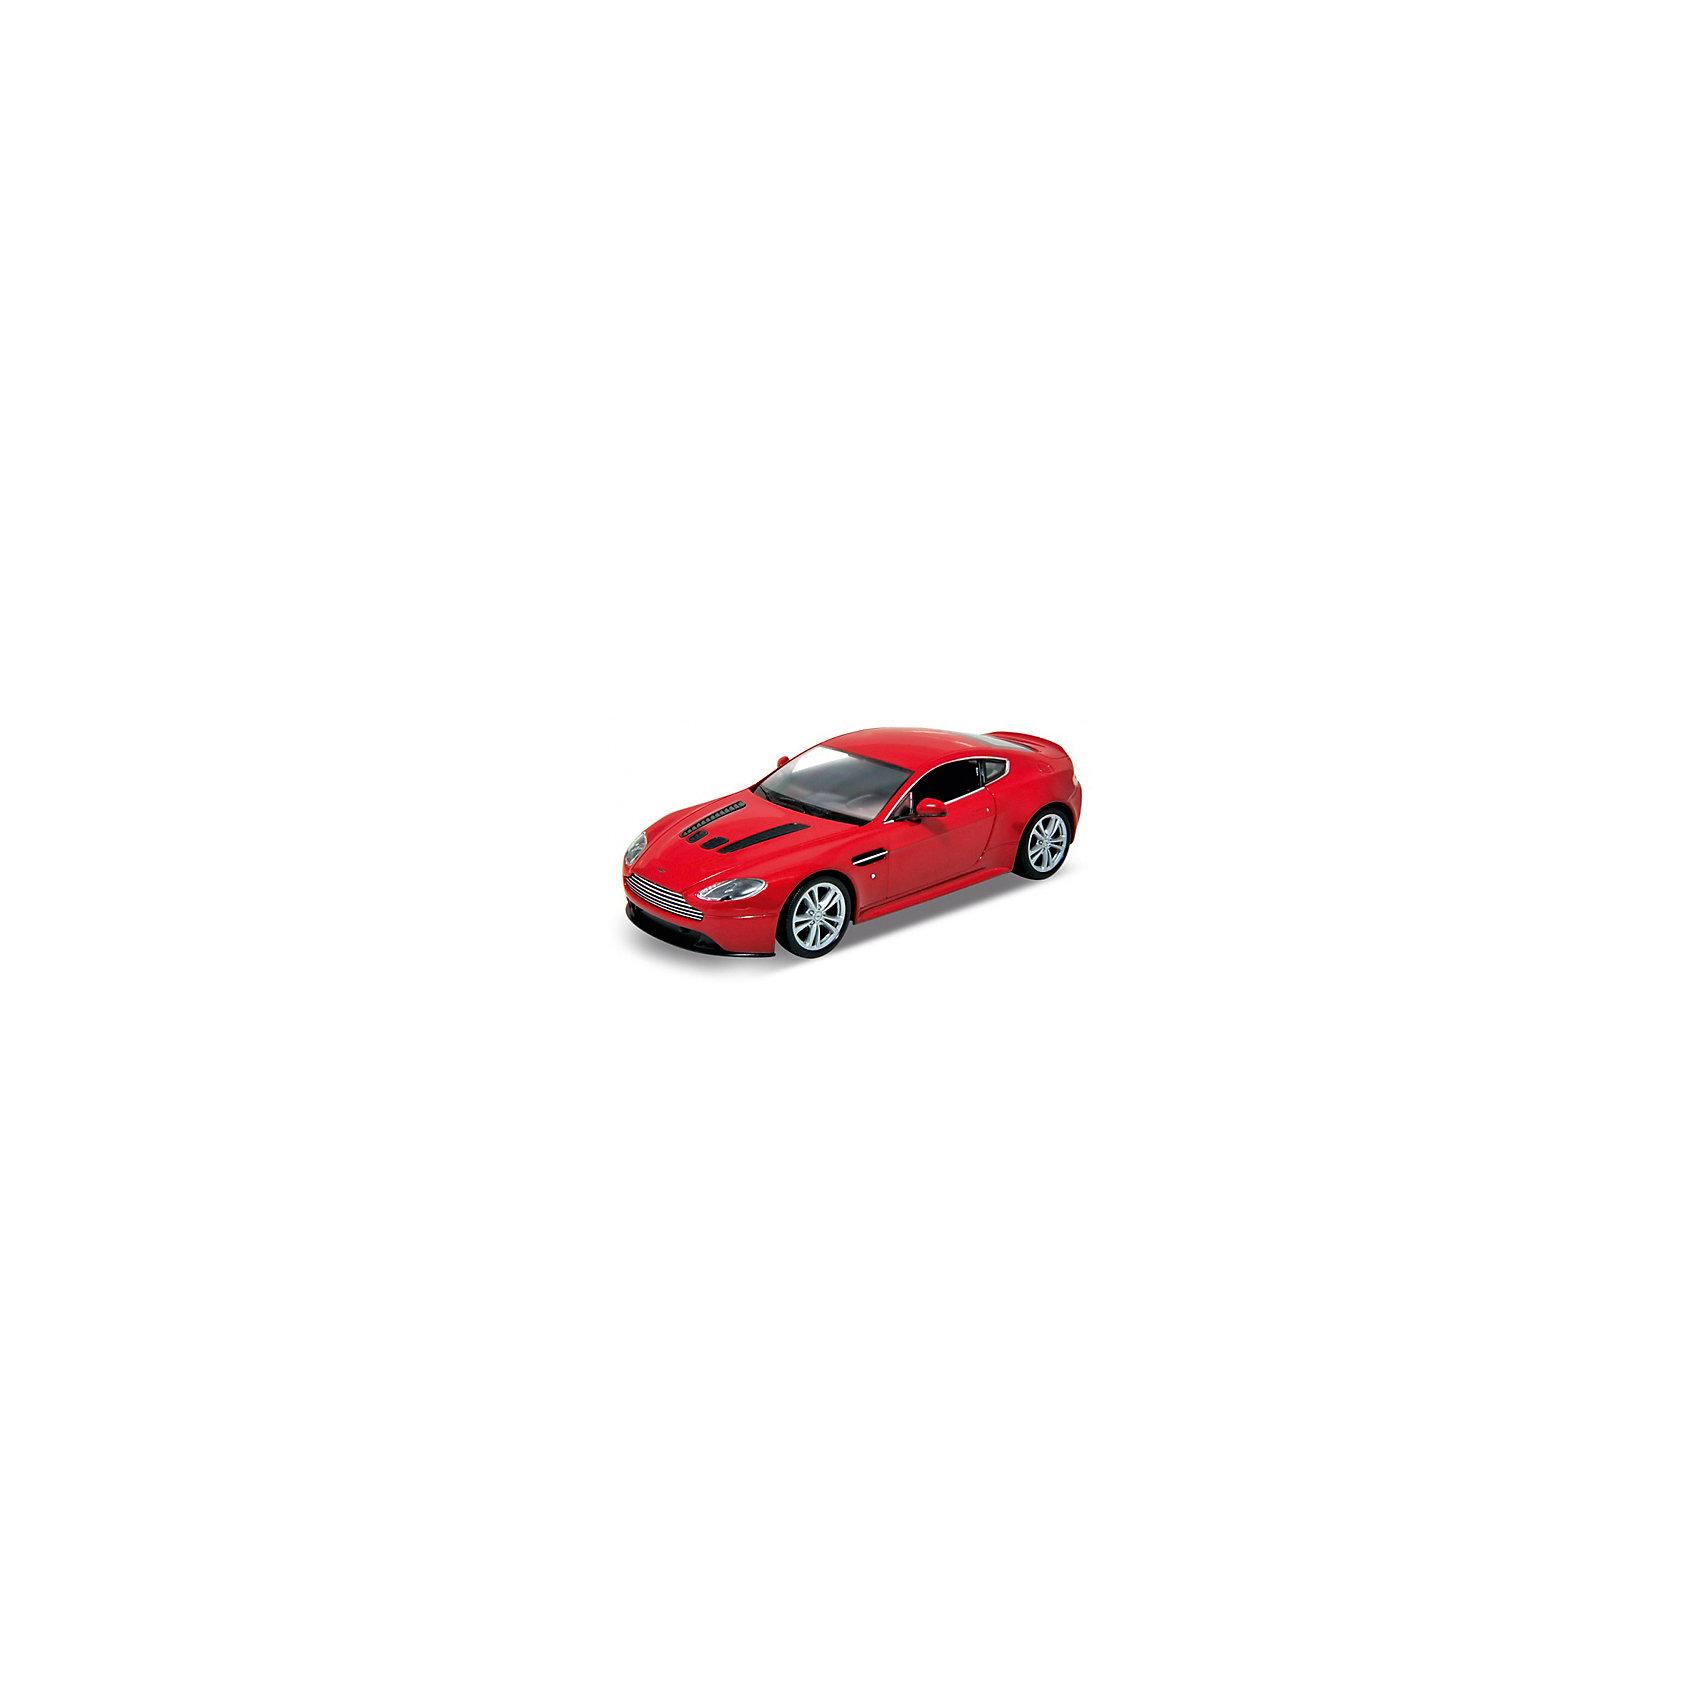 Модель машины 1:87 Aston Martin V12 Vantage, WellyКоллекционные модели<br>Коллекционная модель машины масштаба 1:87 Aston Martin V12 Vantage от Welly. Цвет кузова представлен в ассортименте, выбранный вариант в поставке не гарантирован.<br><br>Ширина мм: 45<br>Глубина мм: 40<br>Высота мм: 75<br>Вес г: 50<br>Возраст от месяцев: 36<br>Возраст до месяцев: 192<br>Пол: Мужской<br>Возраст: Детский<br>SKU: 4966555